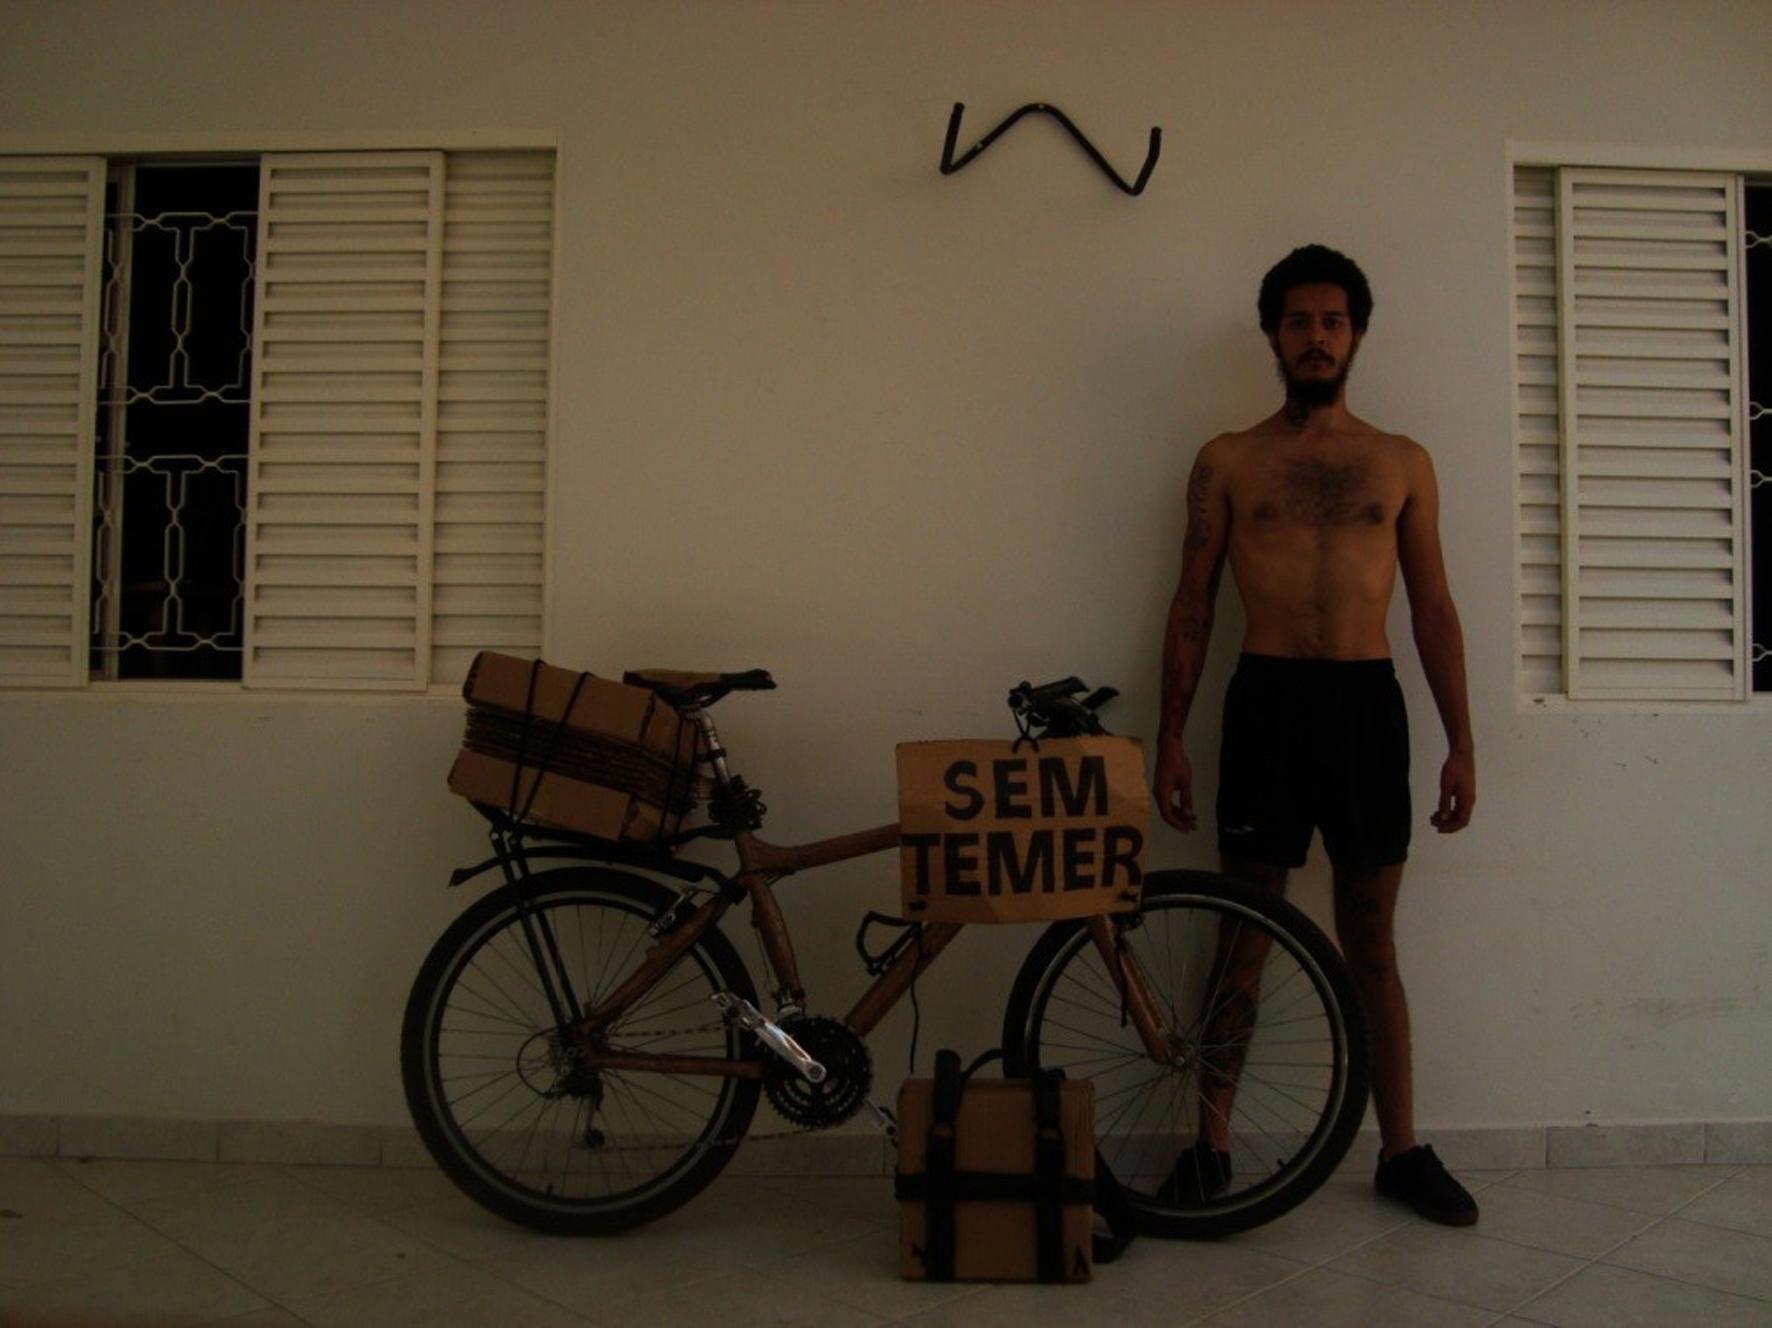 """Foto anterior a uma das ações dos """"Pró-pagando Nº 1"""", UberlândiaMG. (Foto Raphael Faria)."""